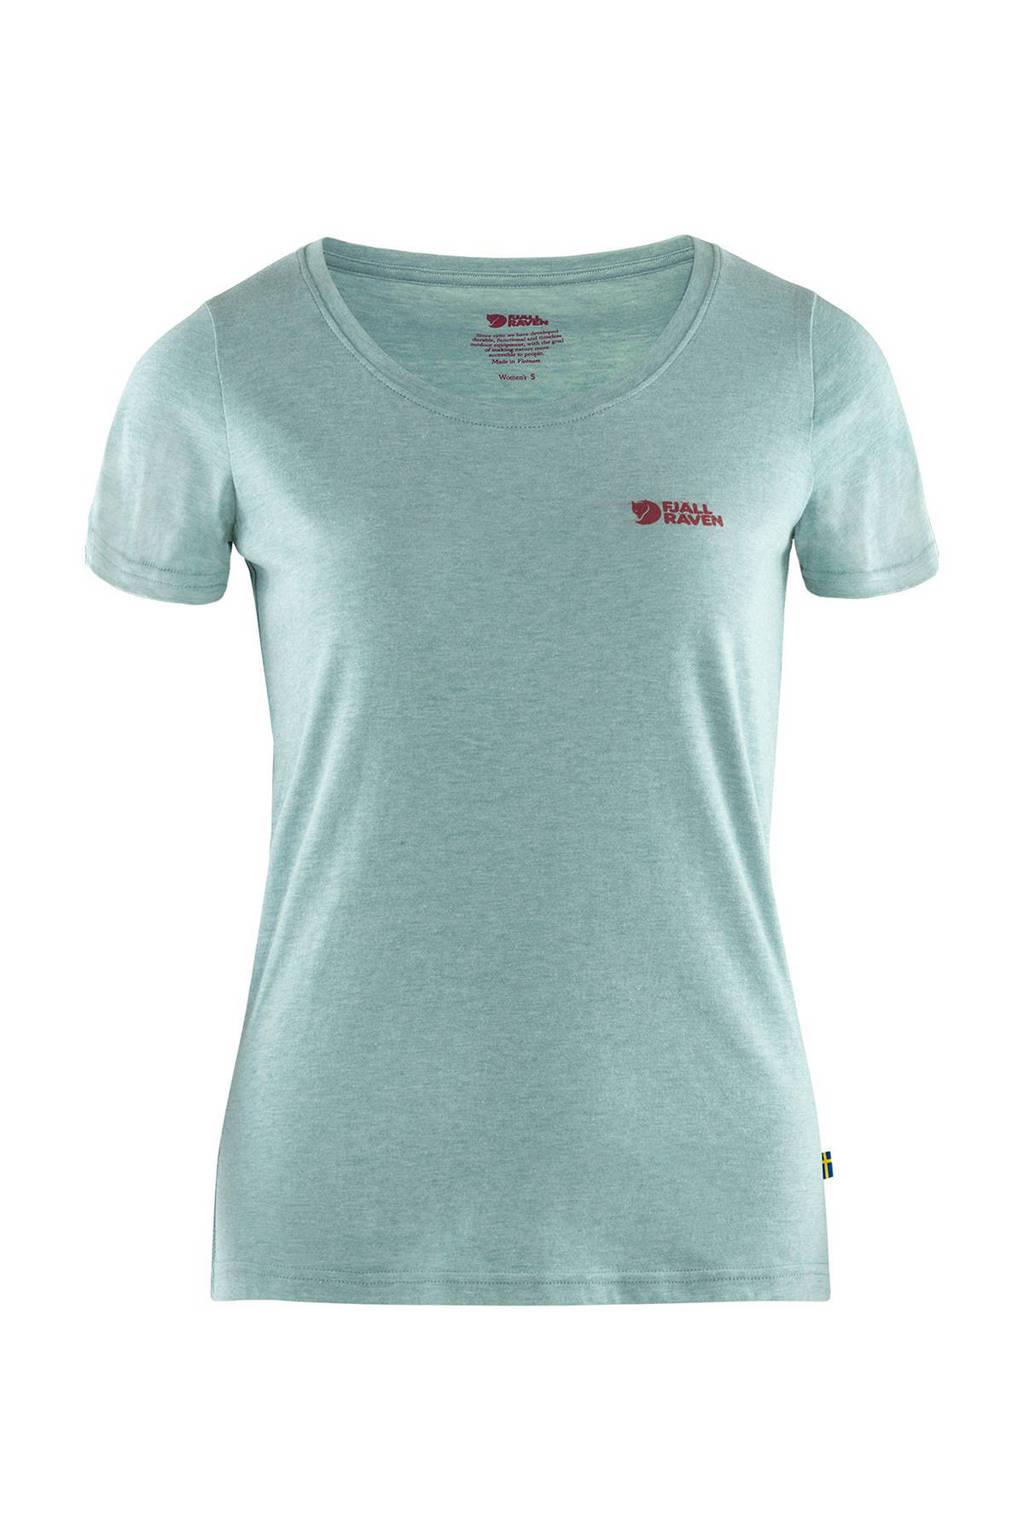 Fjällräven outdoor T-shirt lichtblauw, Lichtblauw